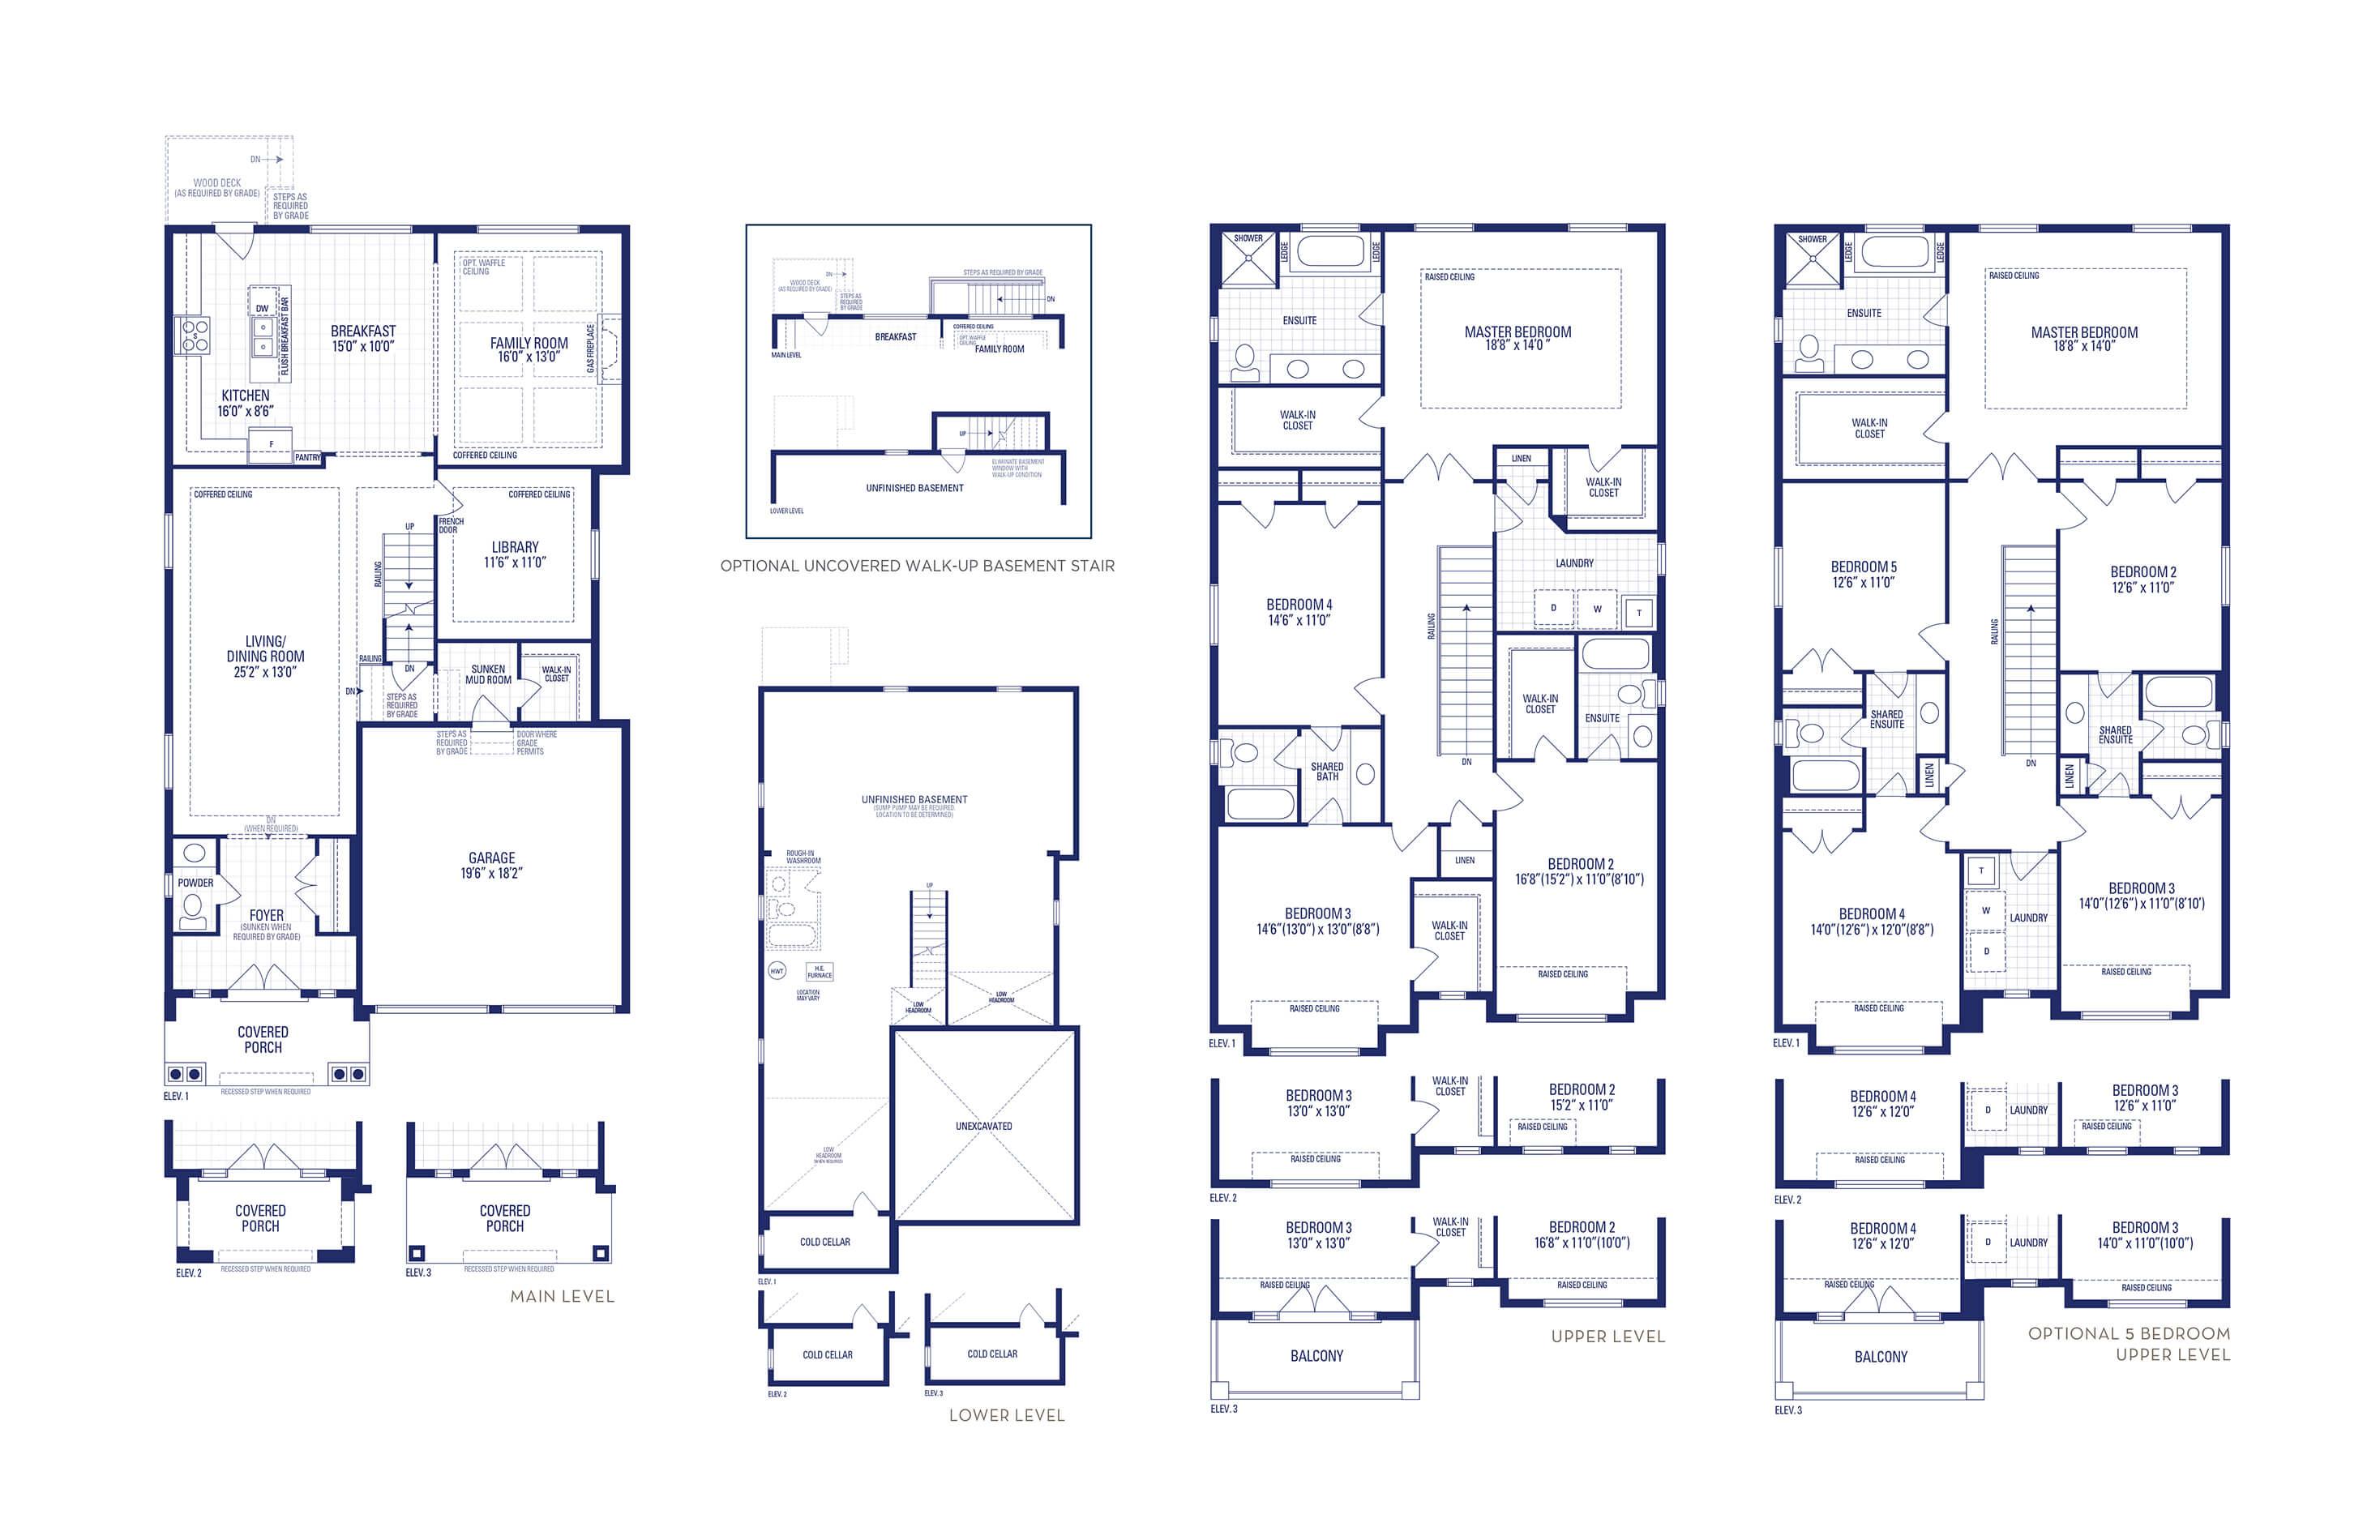 Carnegie 30A Elev. 3 Floorplan